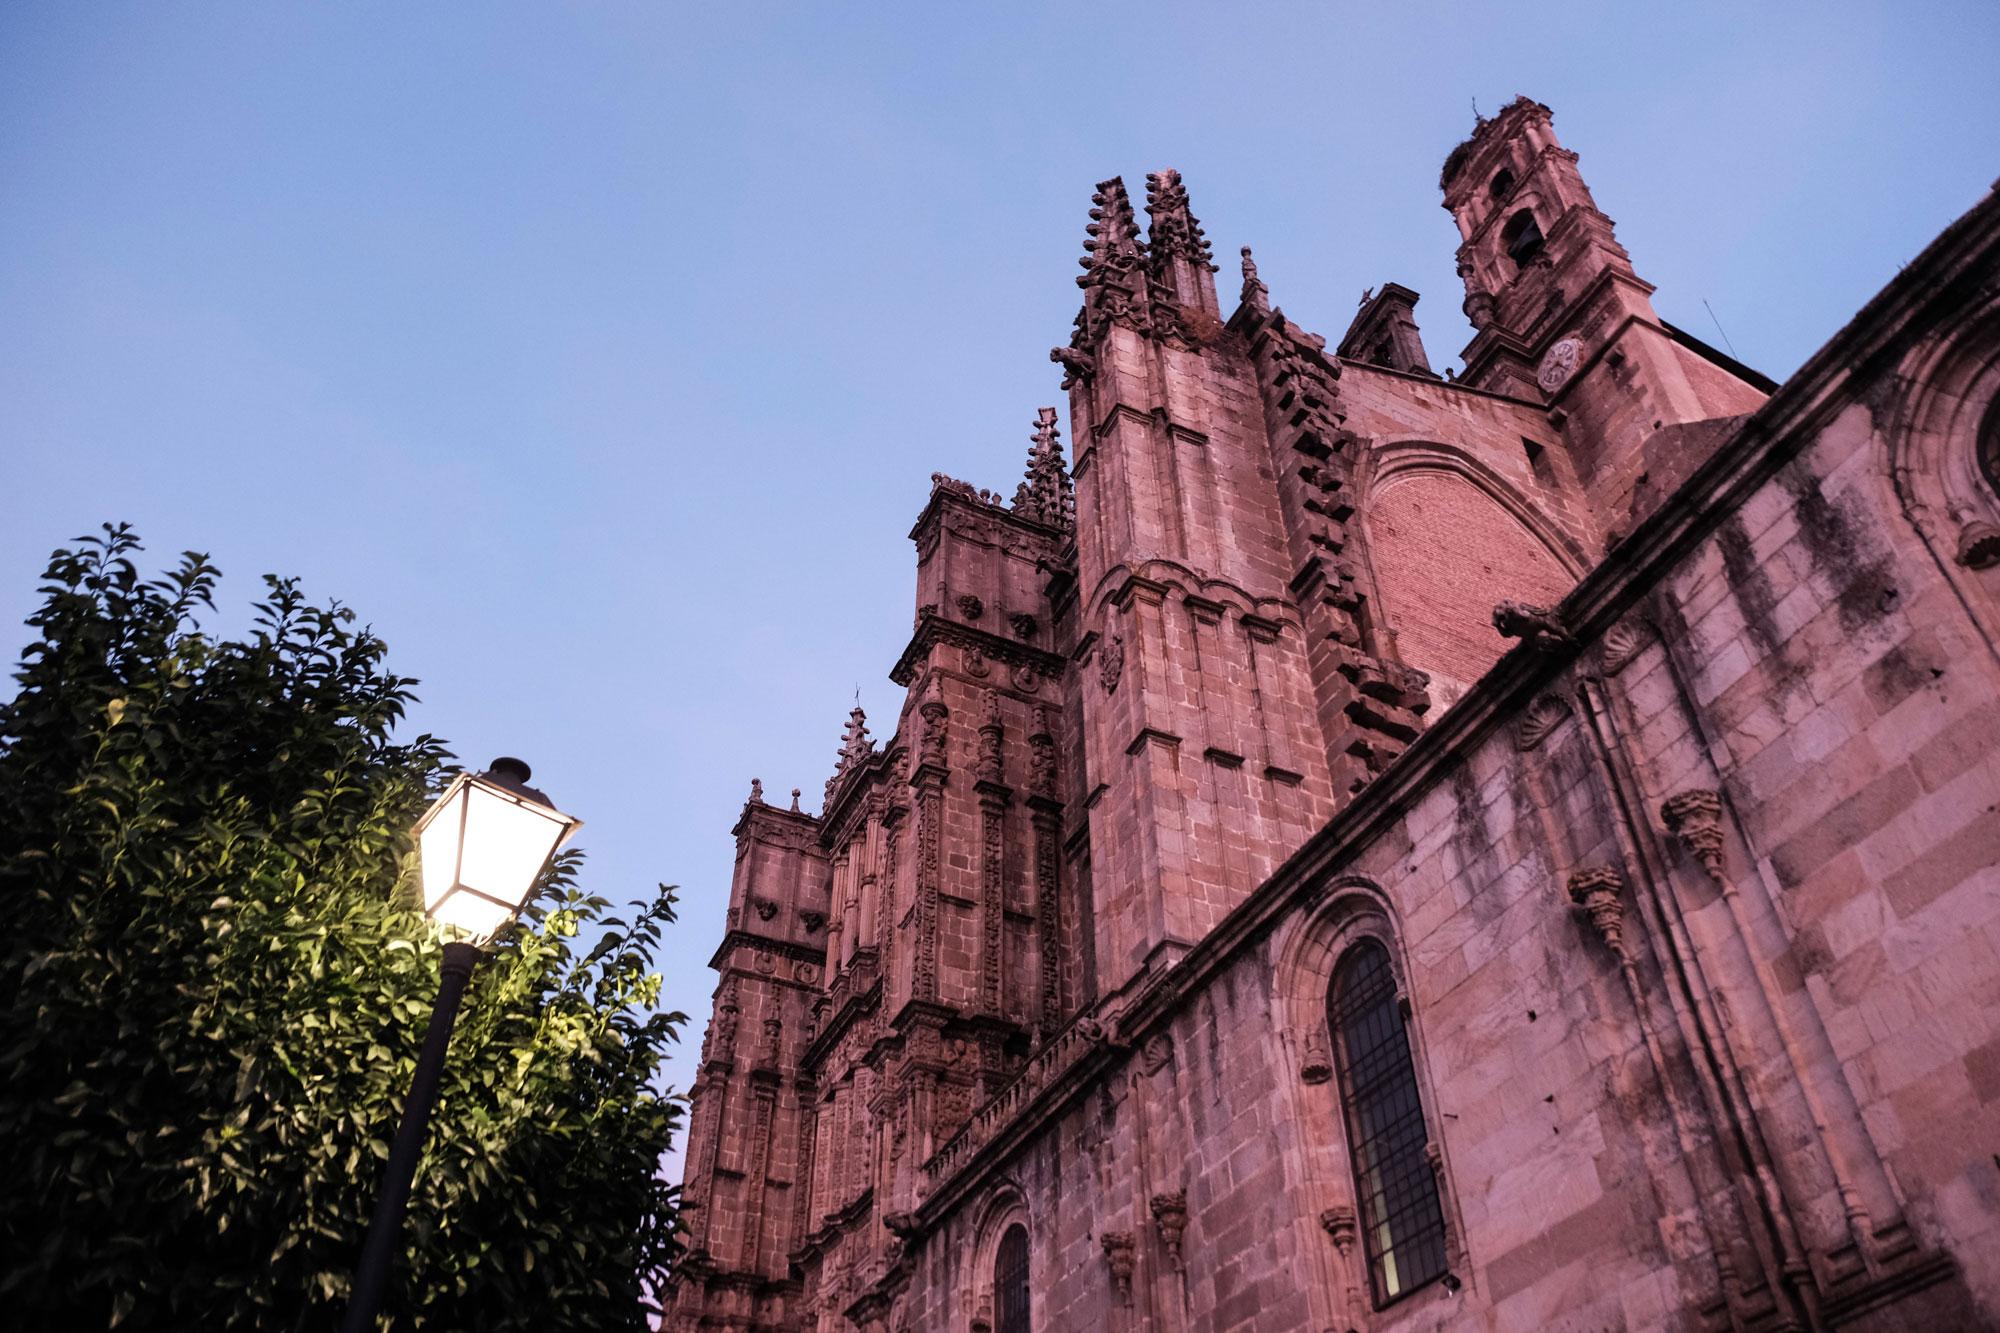 Vista de la catedral nueva iluminada al atardecer.